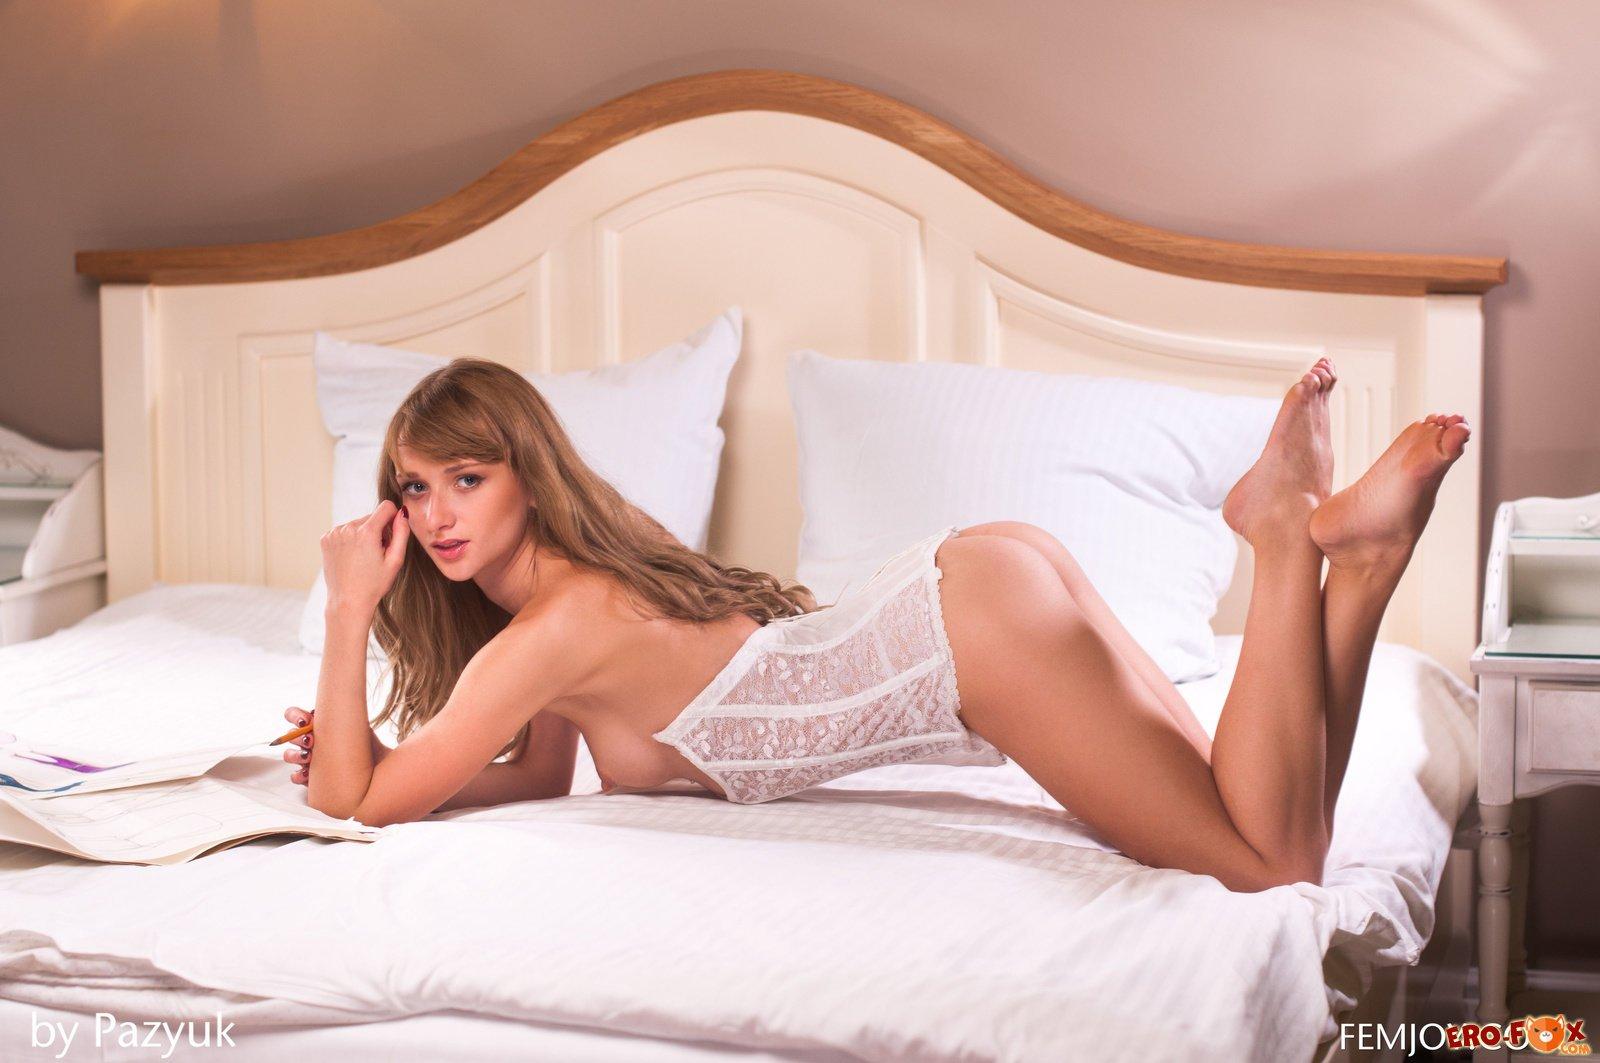 Сексуальная девушка сняла белые трусики » Эротикасмотреть лучшую фото эротику бесплатно.